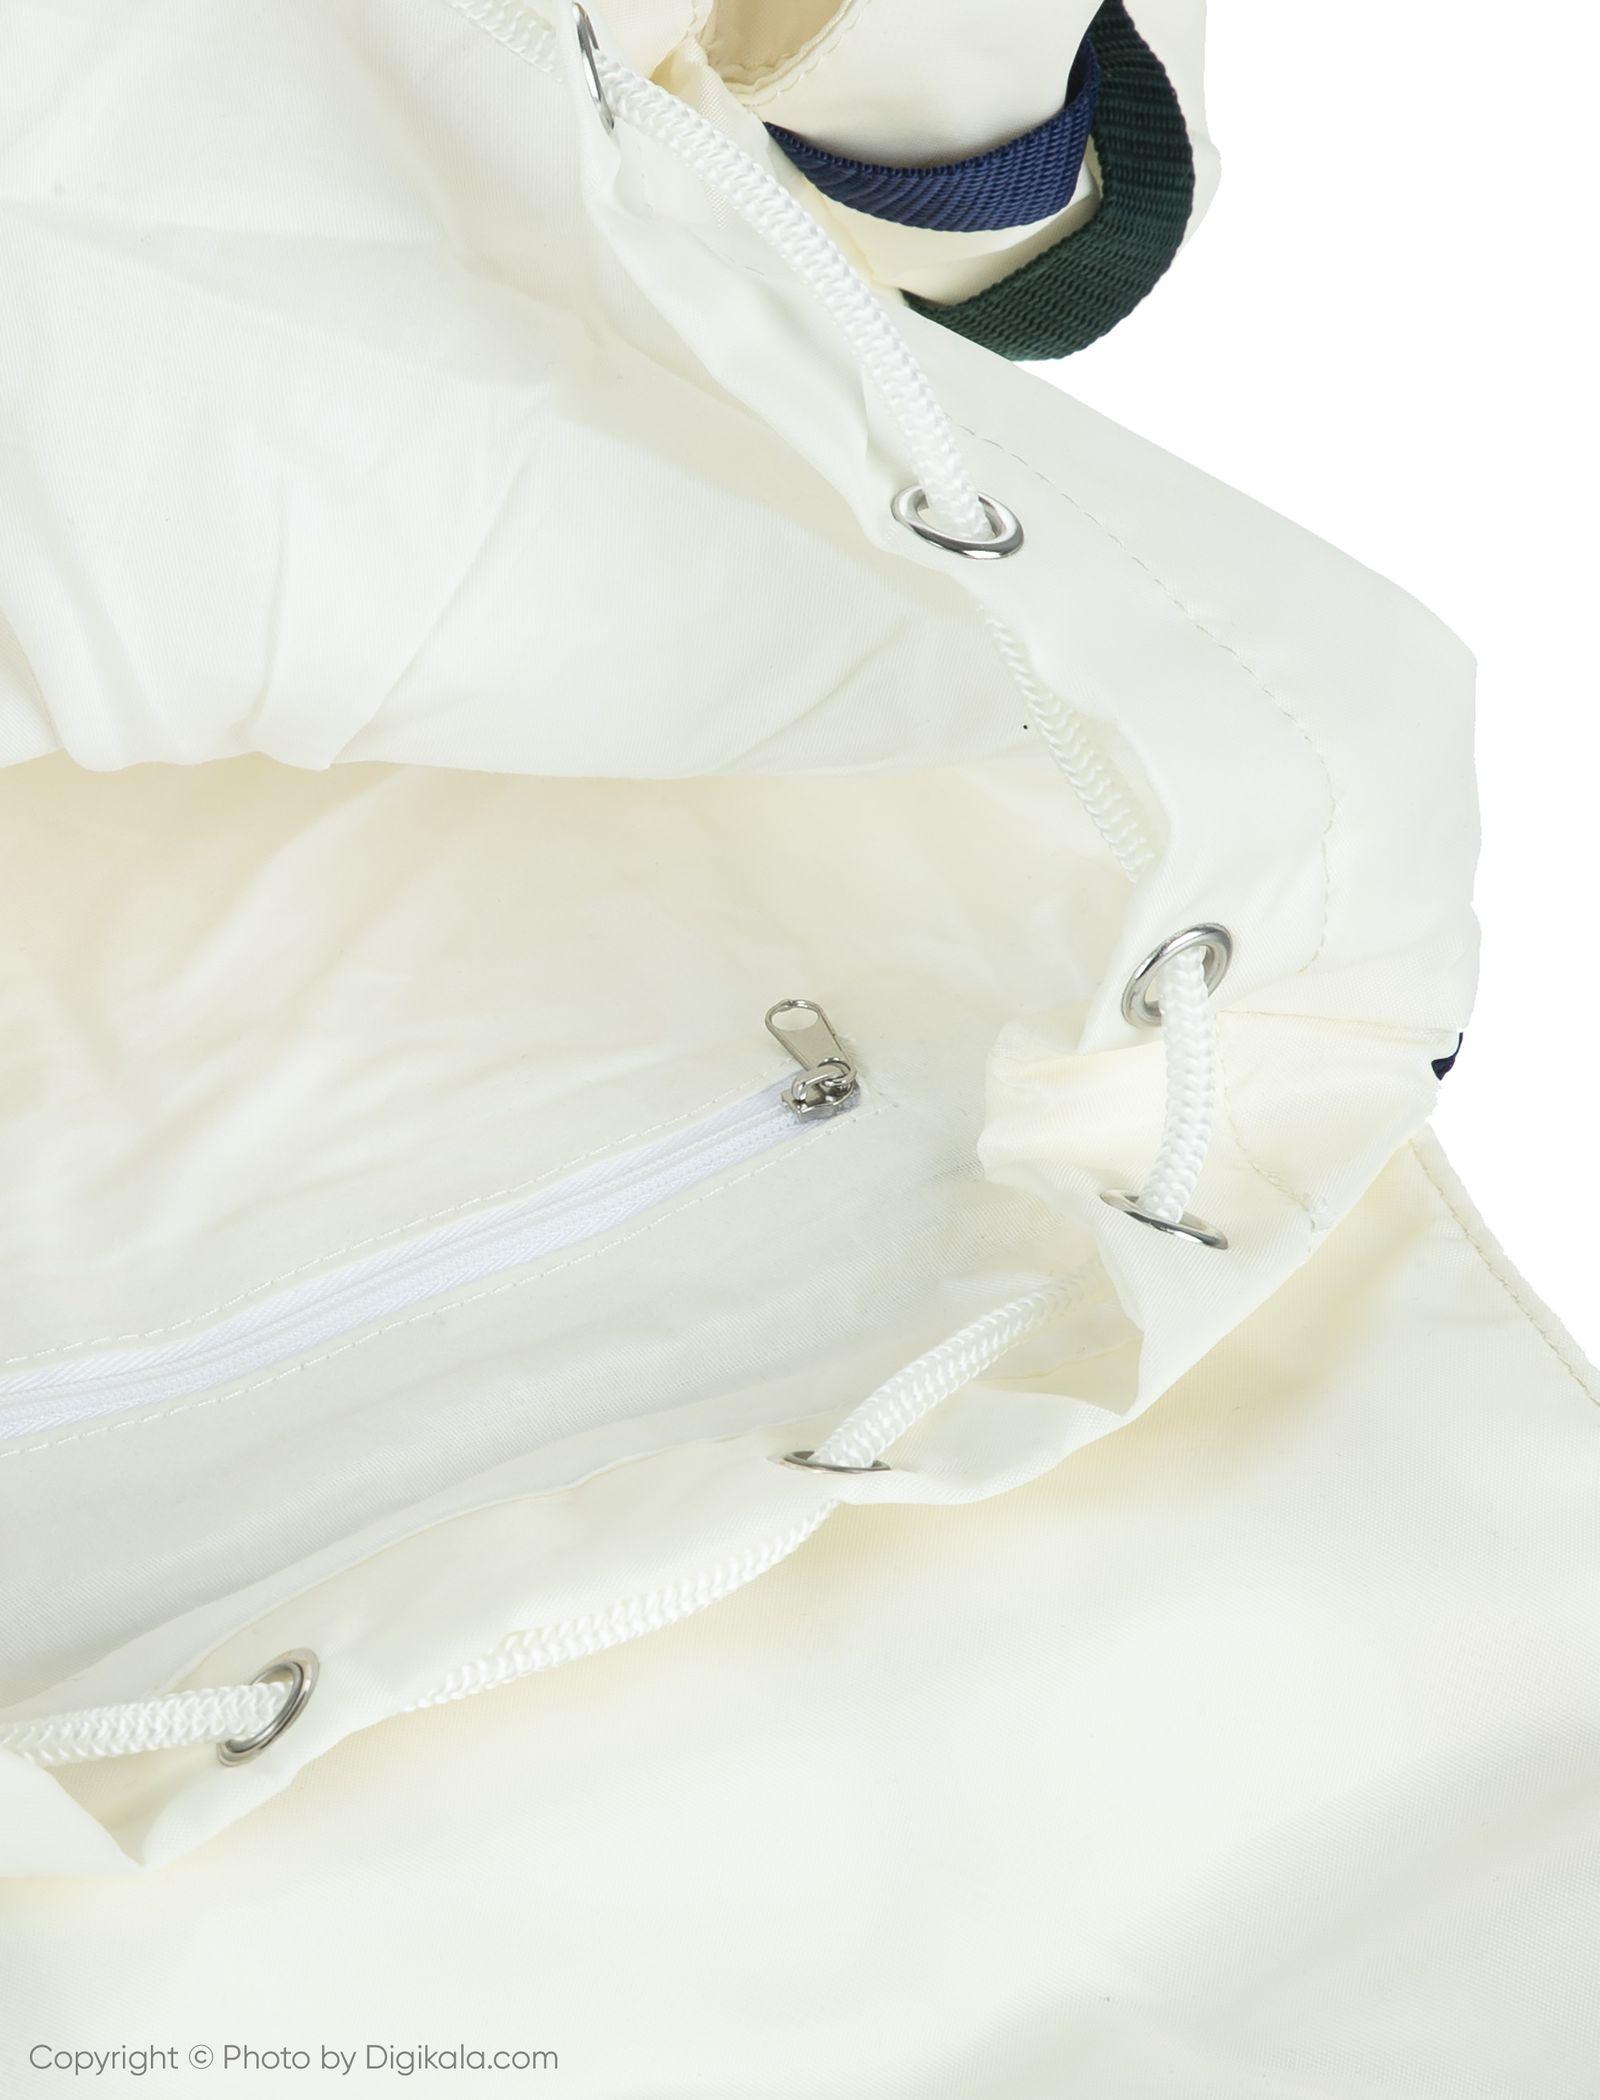 کوله پشتی روزمره مردانه - مانگو - سفید - 5